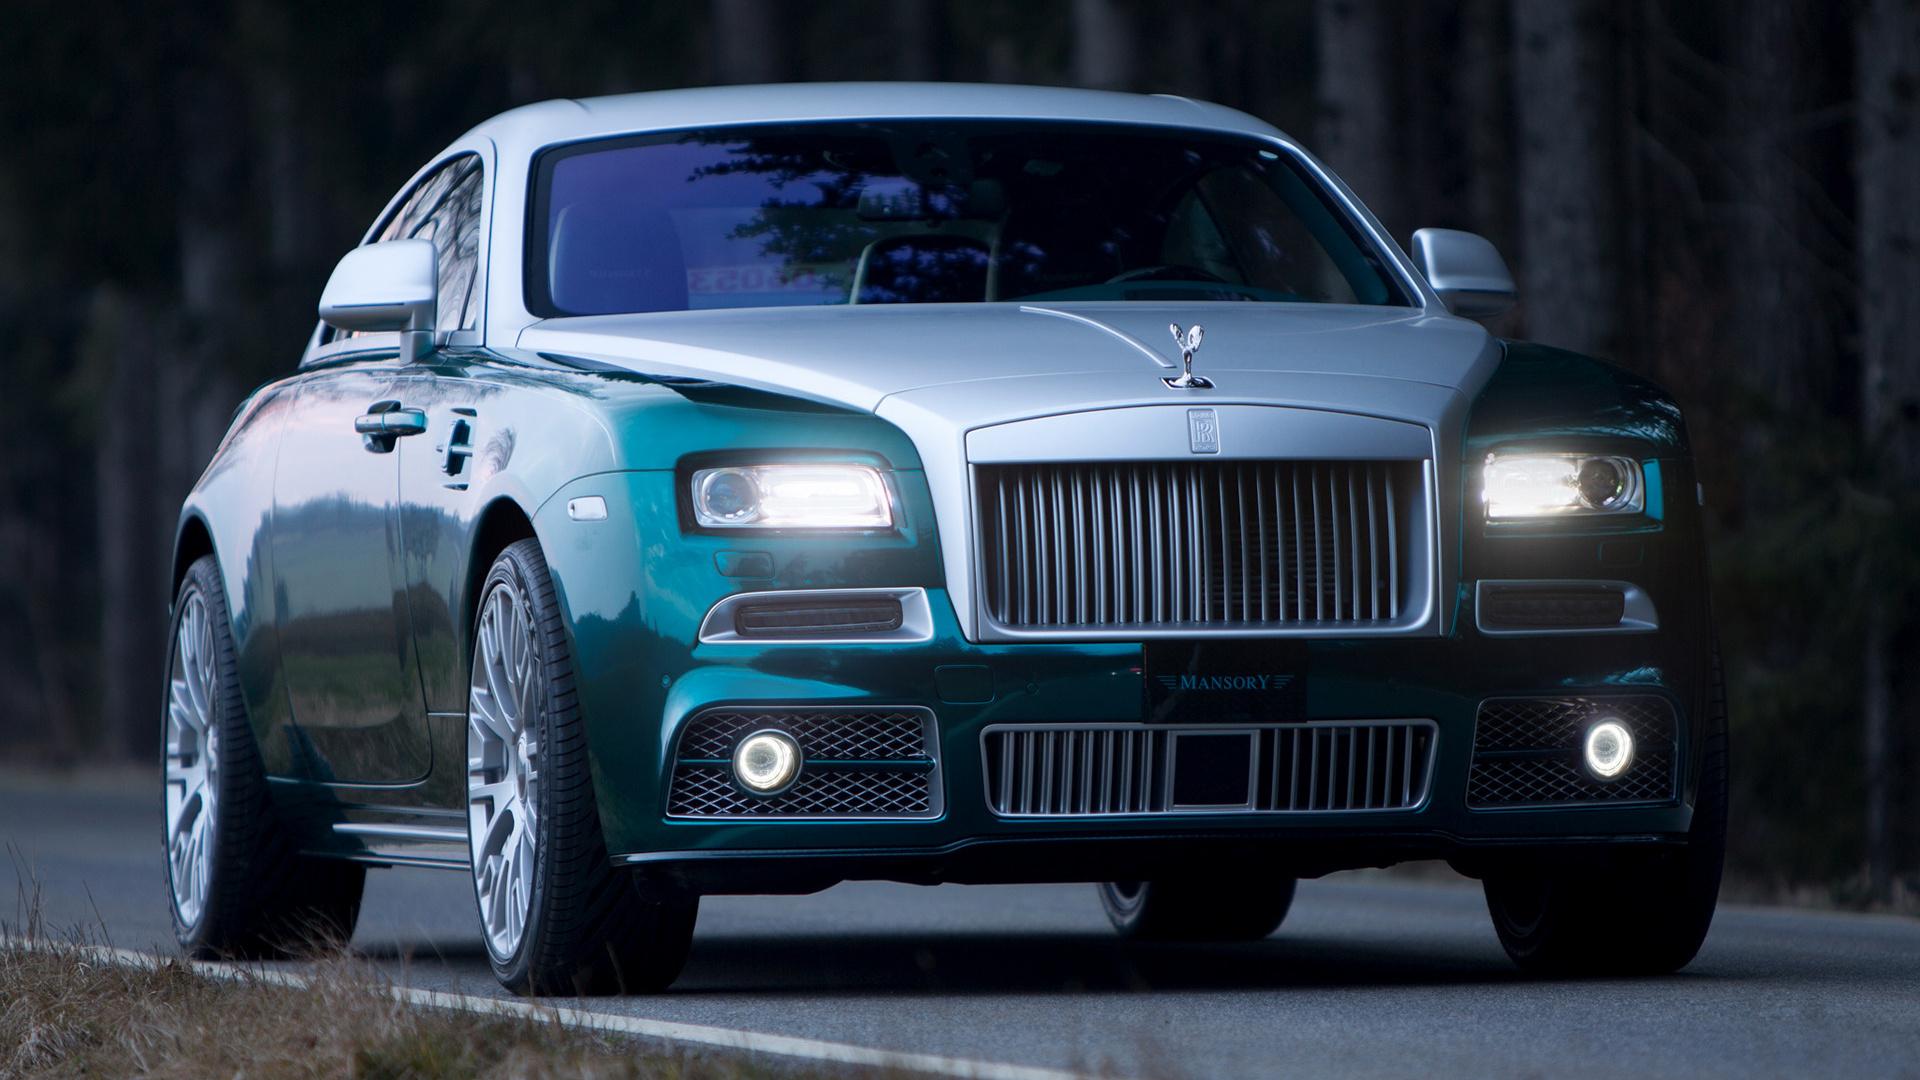 2014 Rolls Royce Wraith By Mansory Papeis De Parede E Imagens De Fundo Em Hd Car Pixel